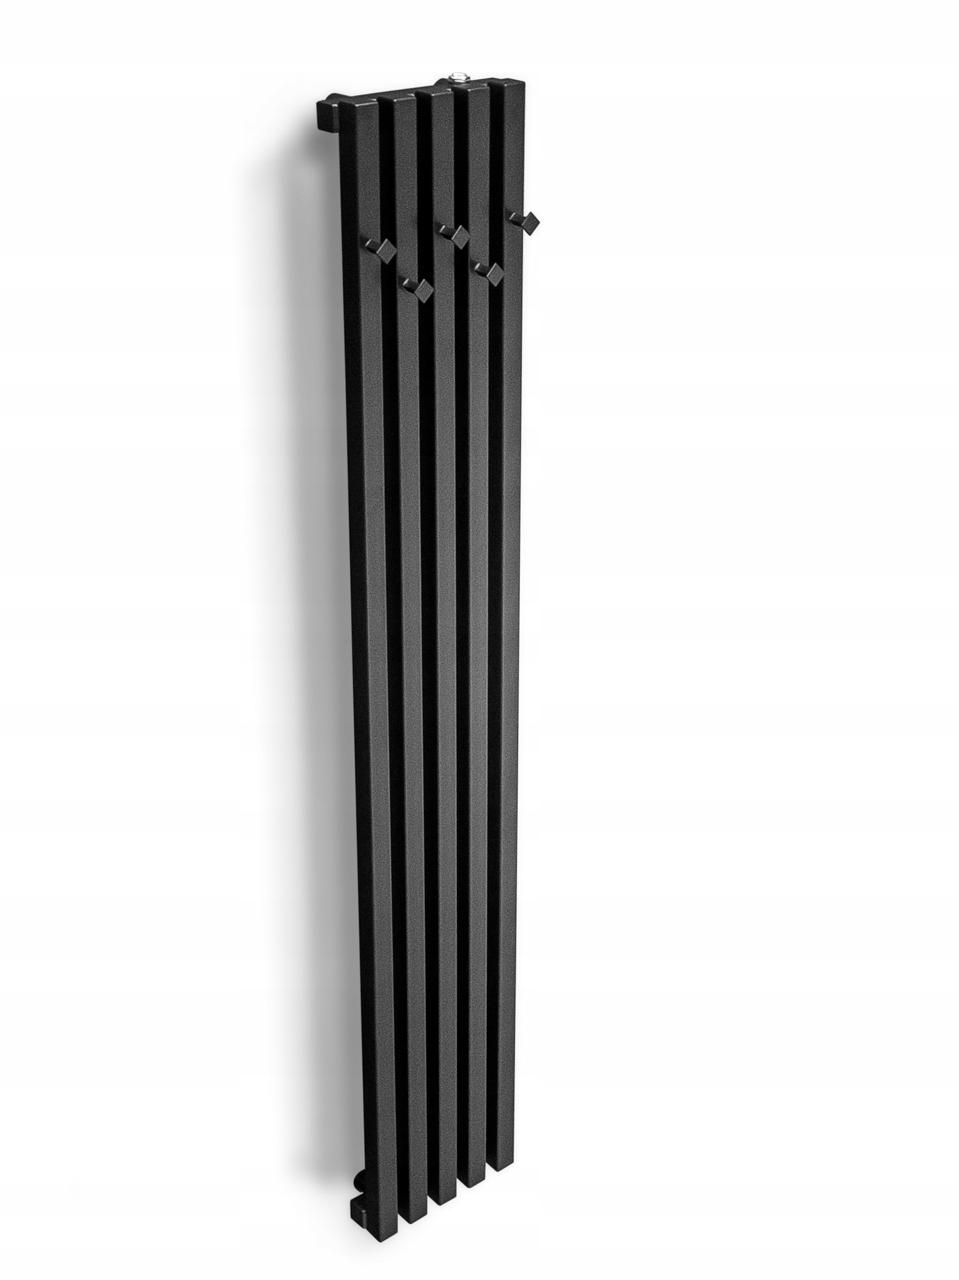 150x24 узкая вешалка ESTO радиатор графит / черный